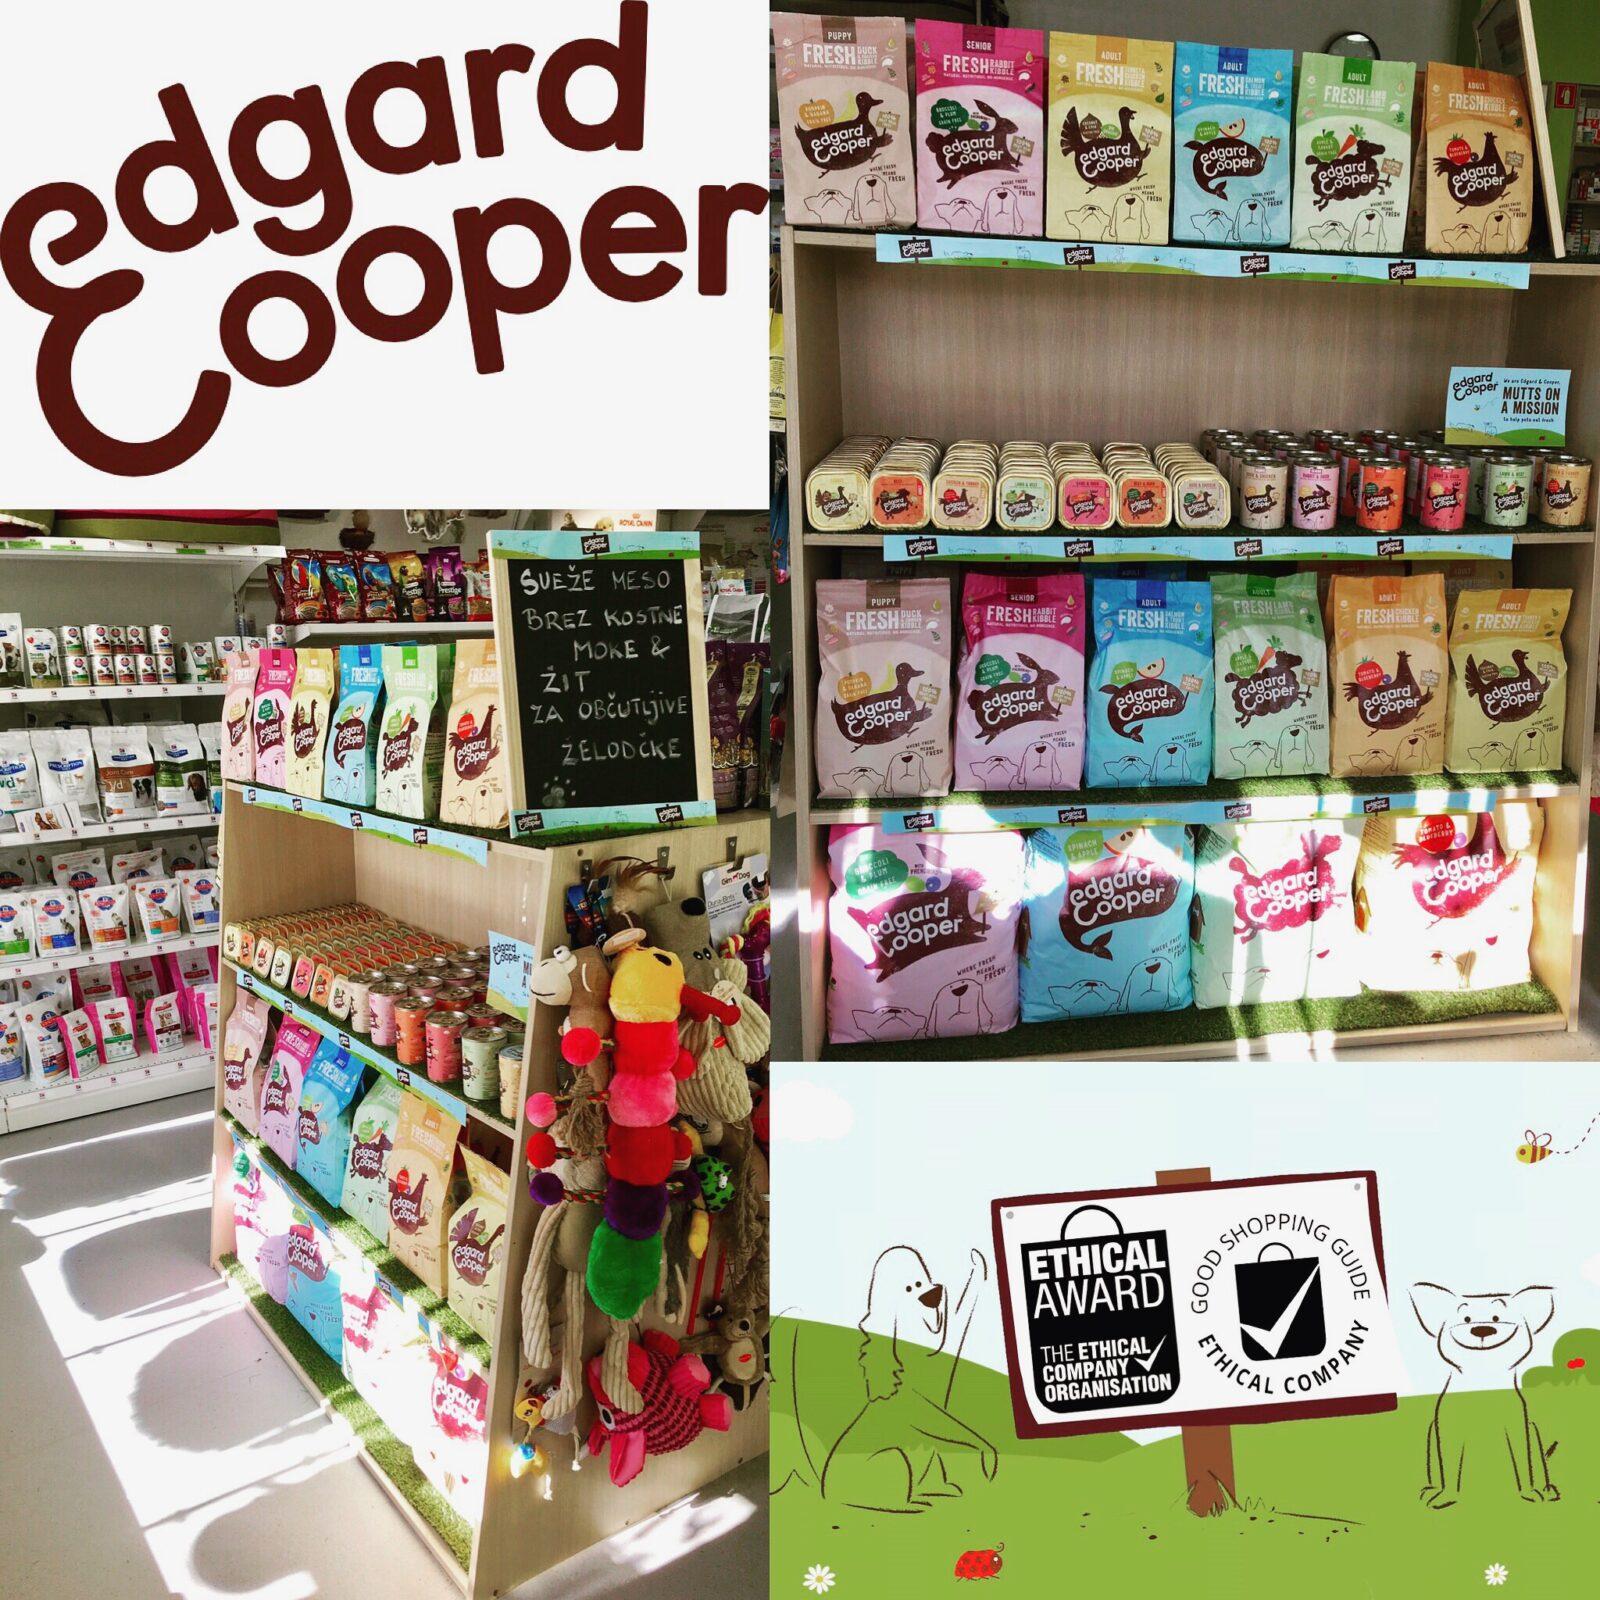 edgard-cooper-pikavet